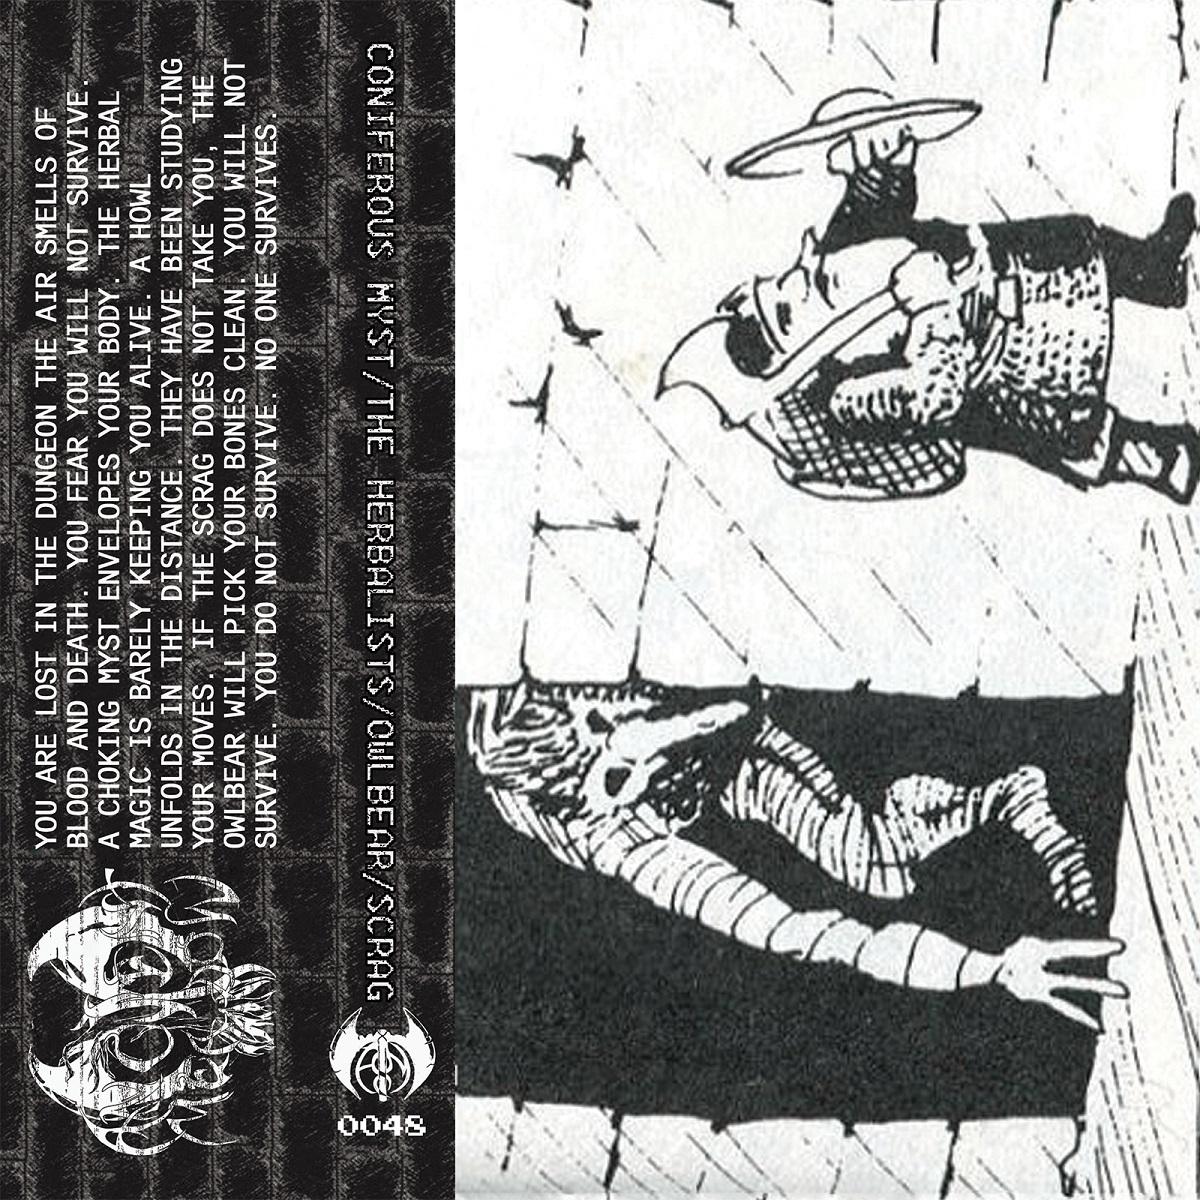 Coniferous Myst / The Herbalists / Owlbear / Scrag - Split Tape